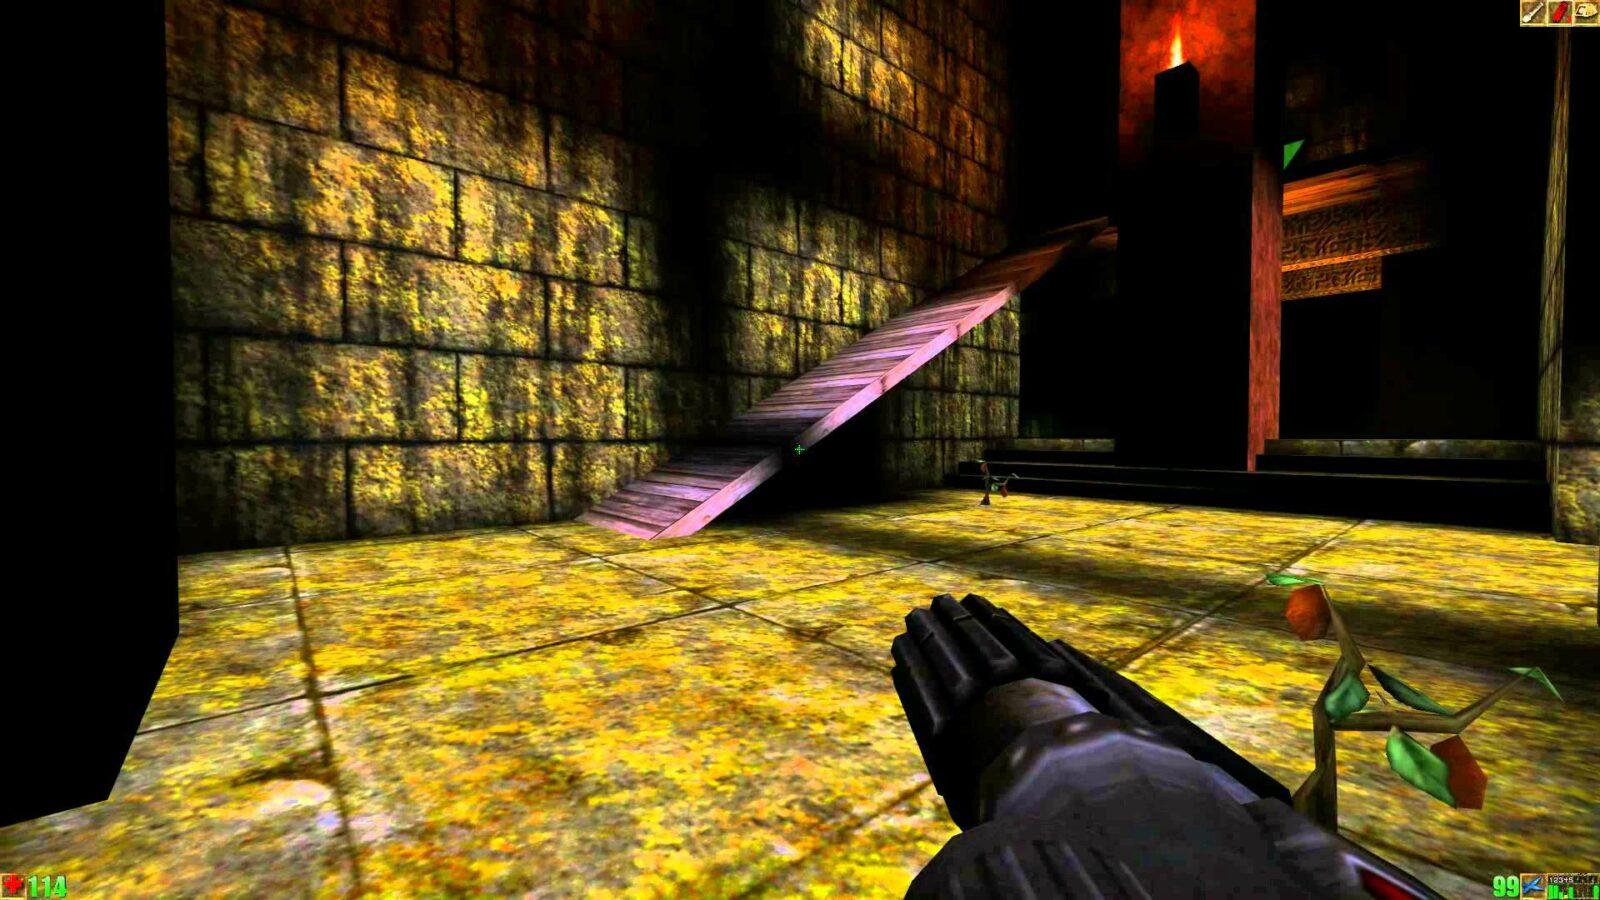 Прохождение 7-8 уровня игры Unreal